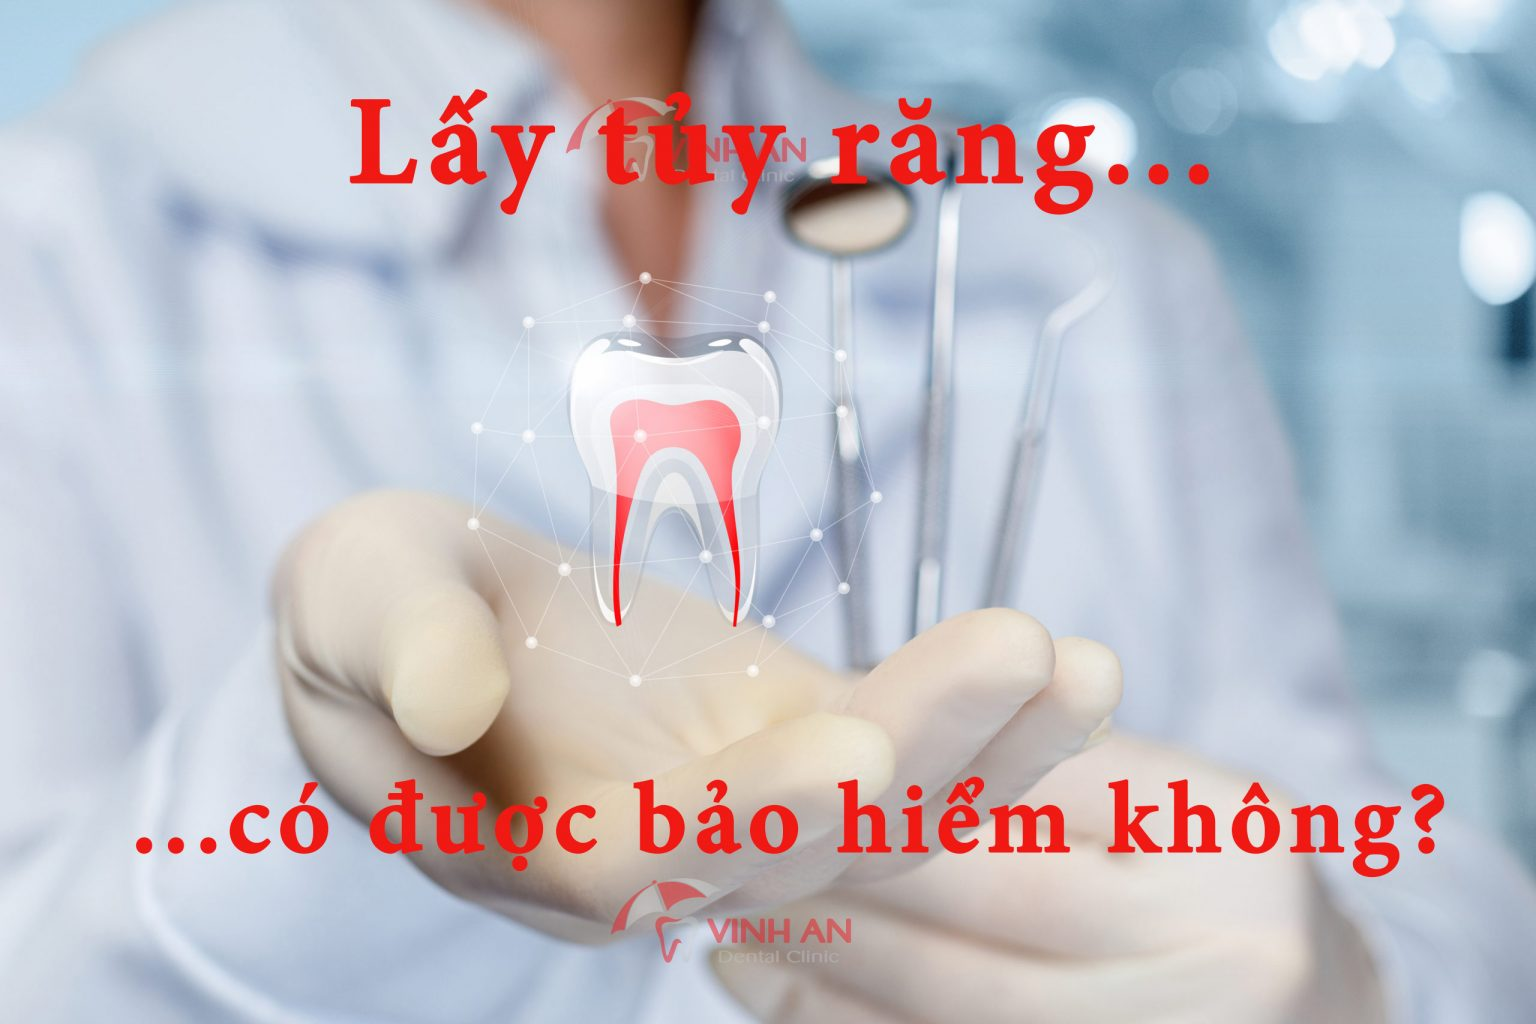 Lấy tủy răng có được bảo hiểm không